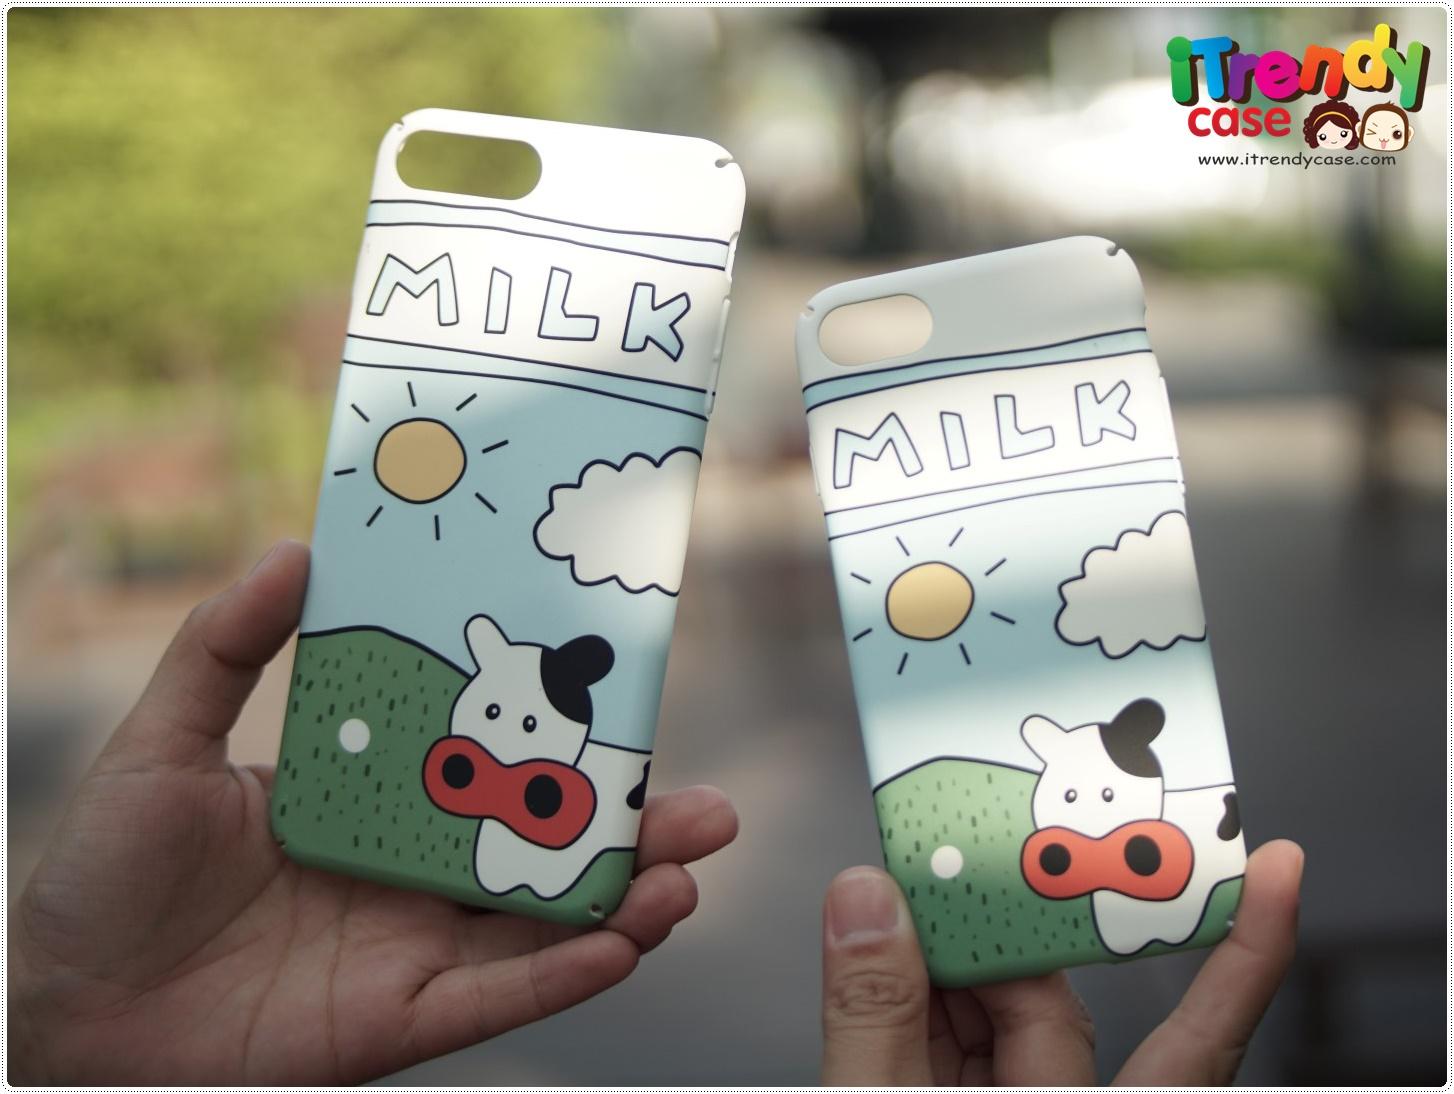 iPhone 7 - เคสปิดขอบ ลายฟาร์มวัว